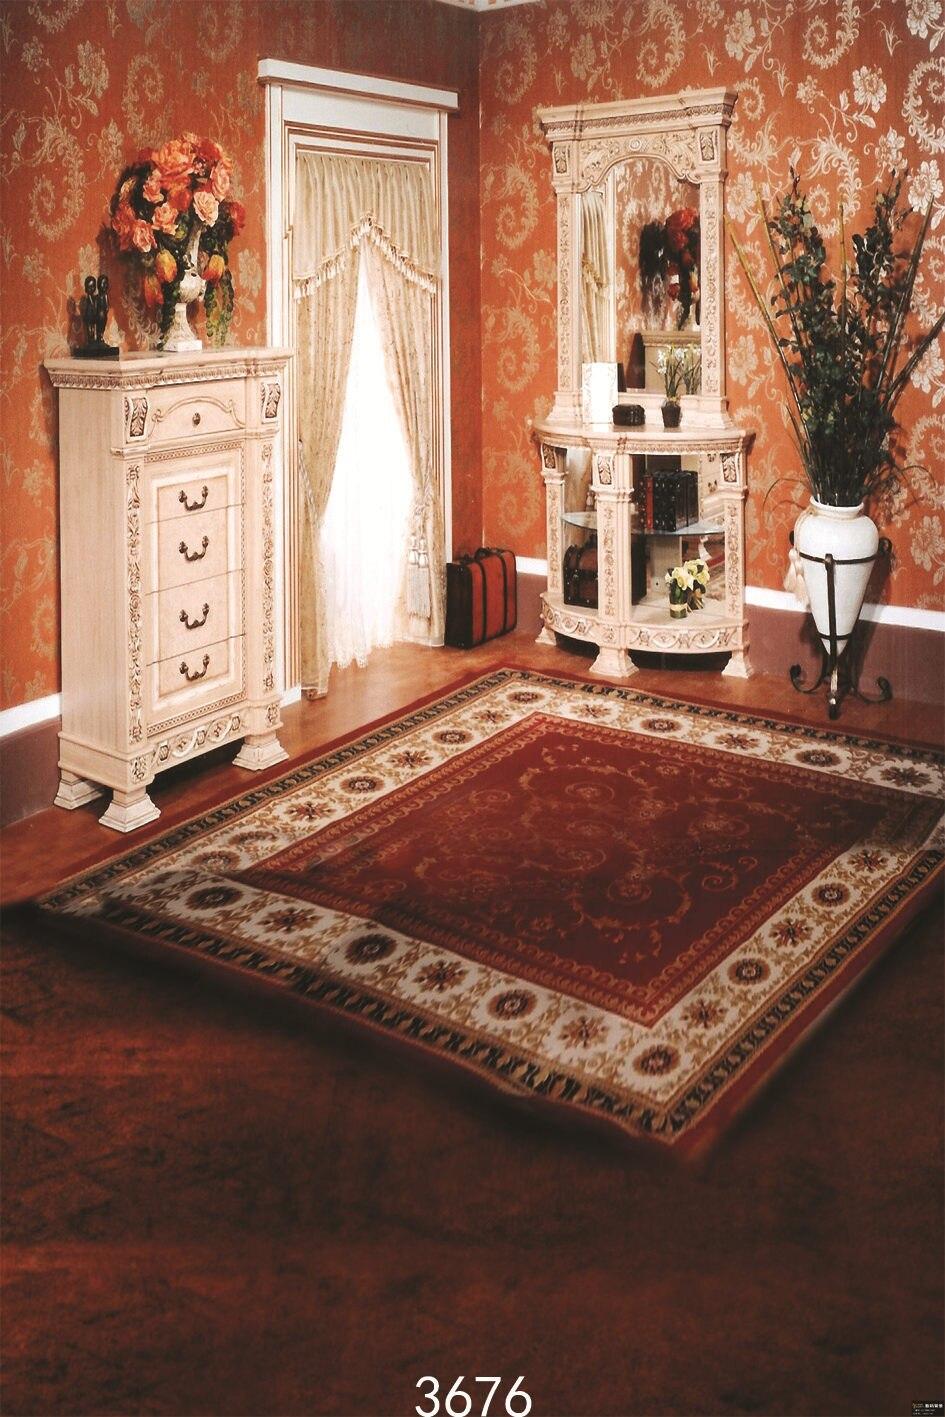 studio indoor backgrounds photographic props background backdrop carpet vinyl children